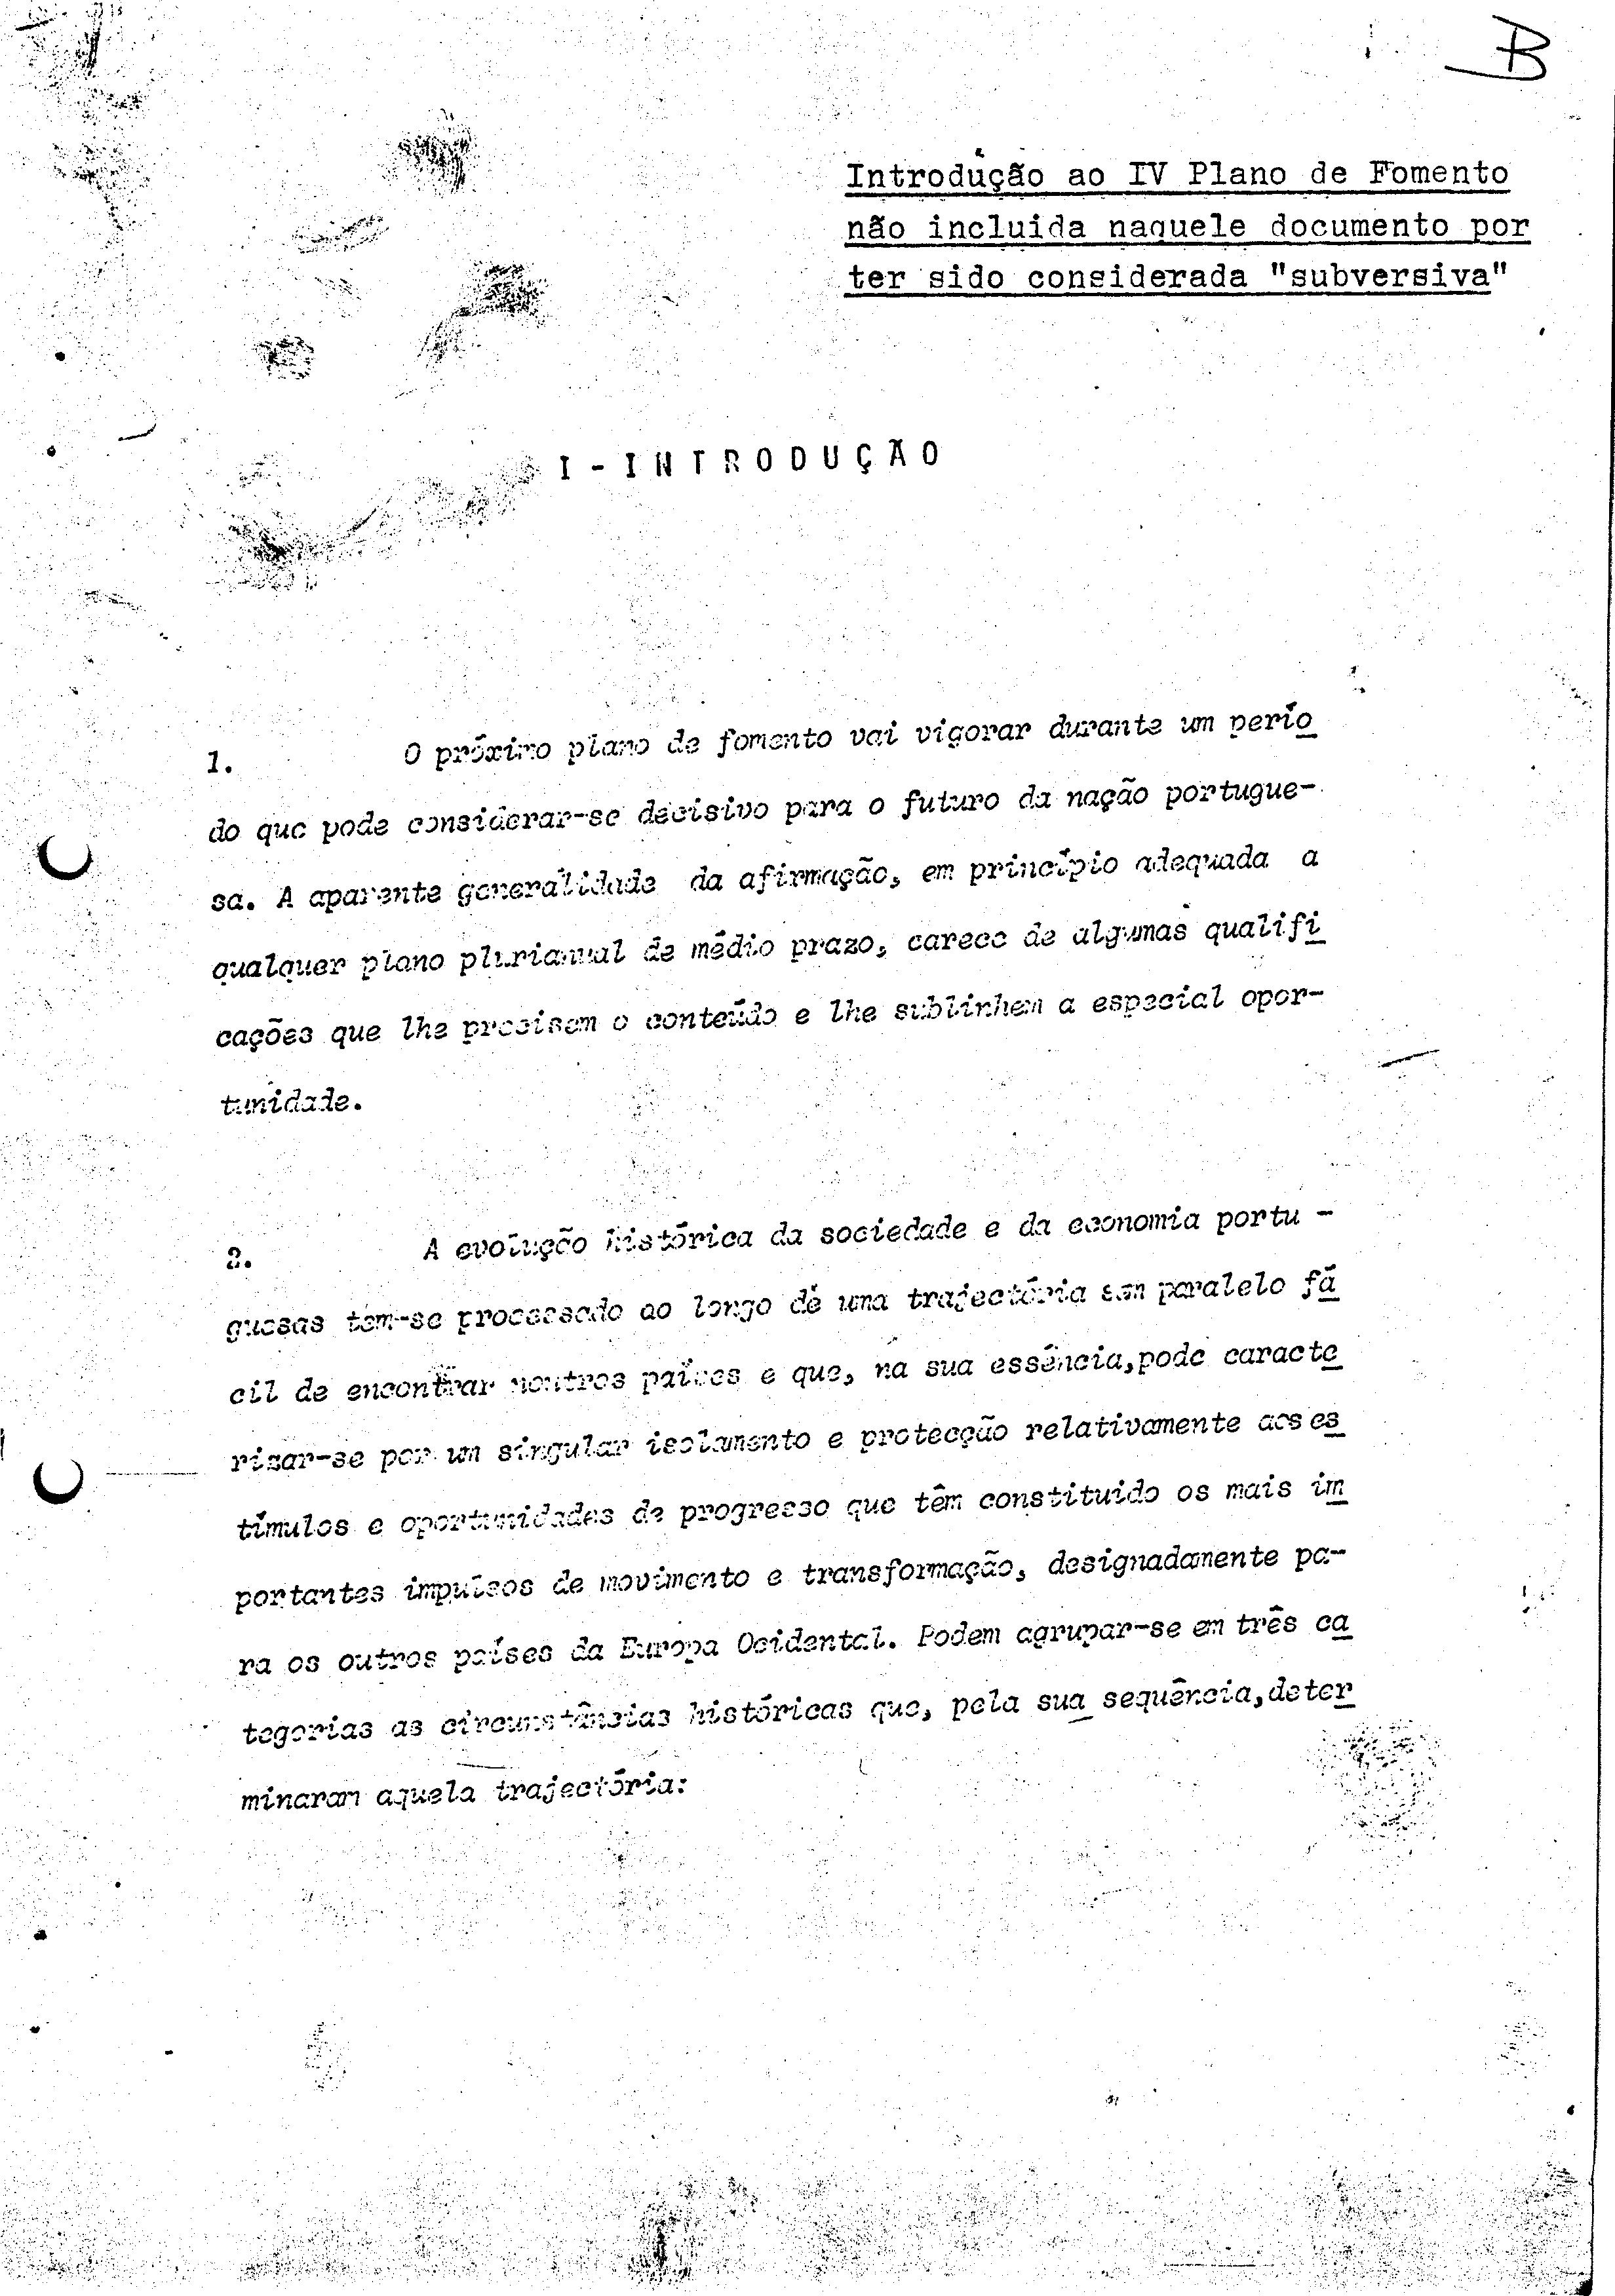 02604.002- pag.1